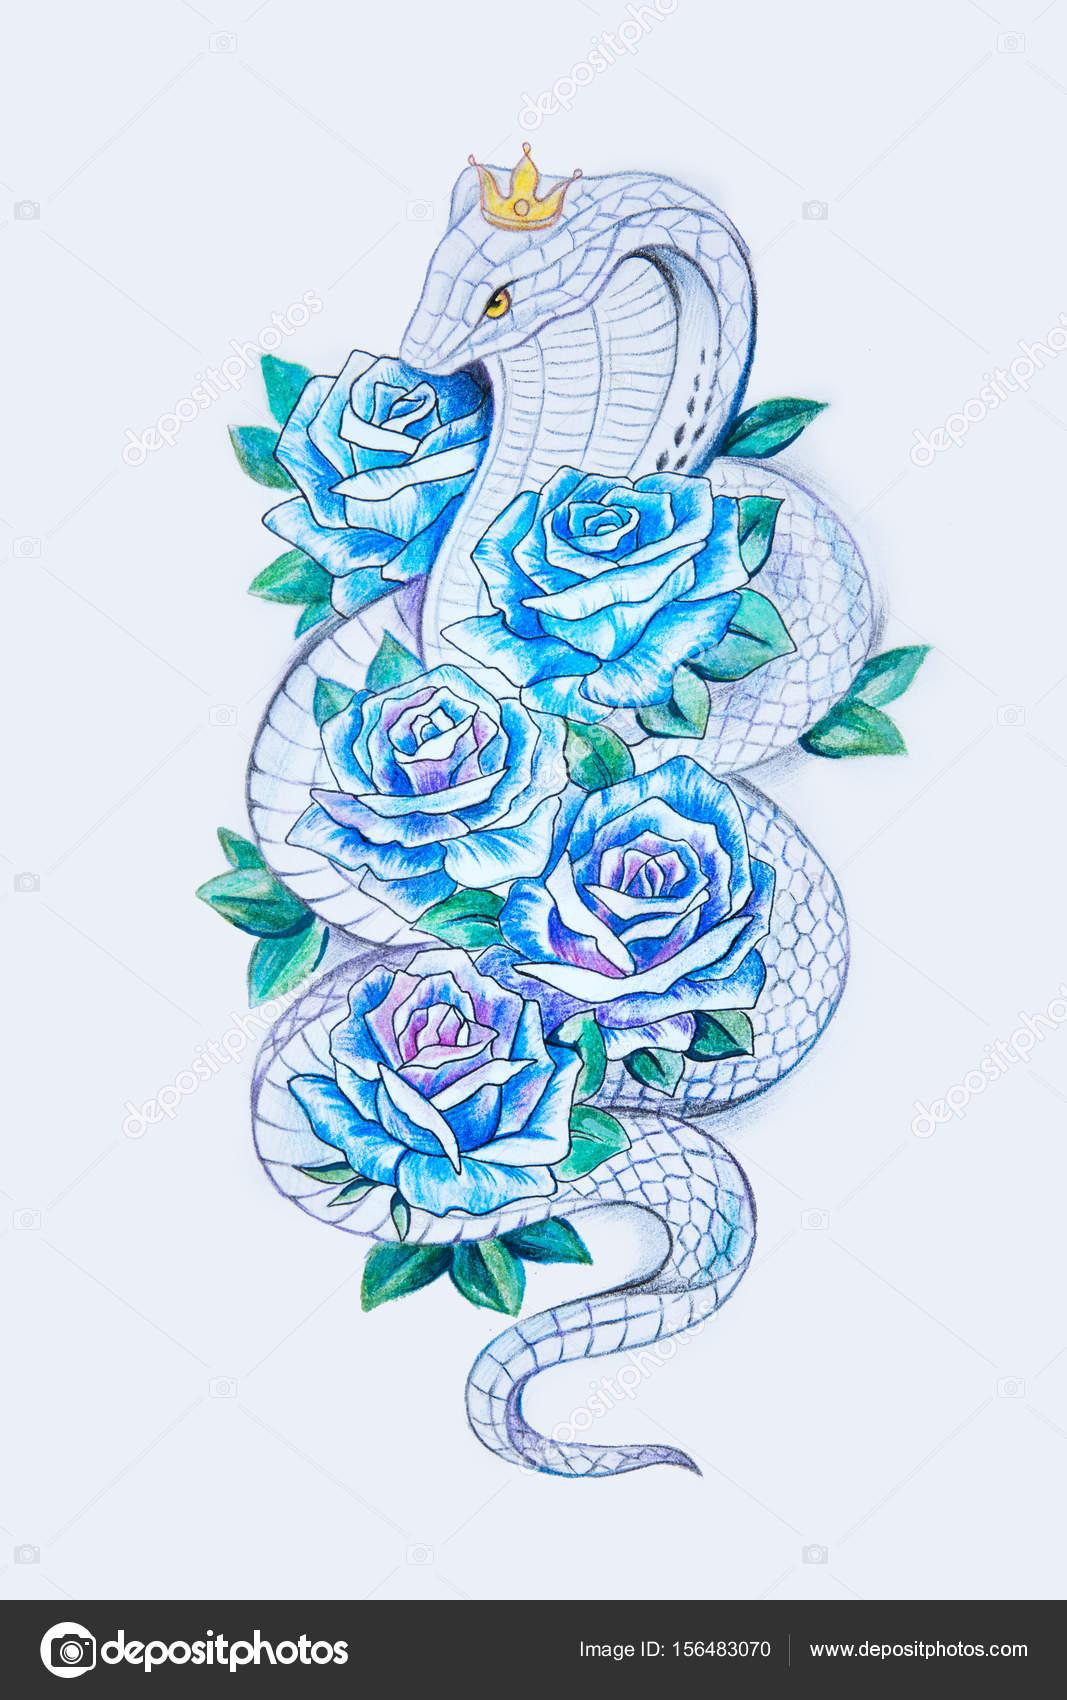 Dibujos Rosas Azules Un Dibujo De Una Hermosa Serpiente Con Rosas